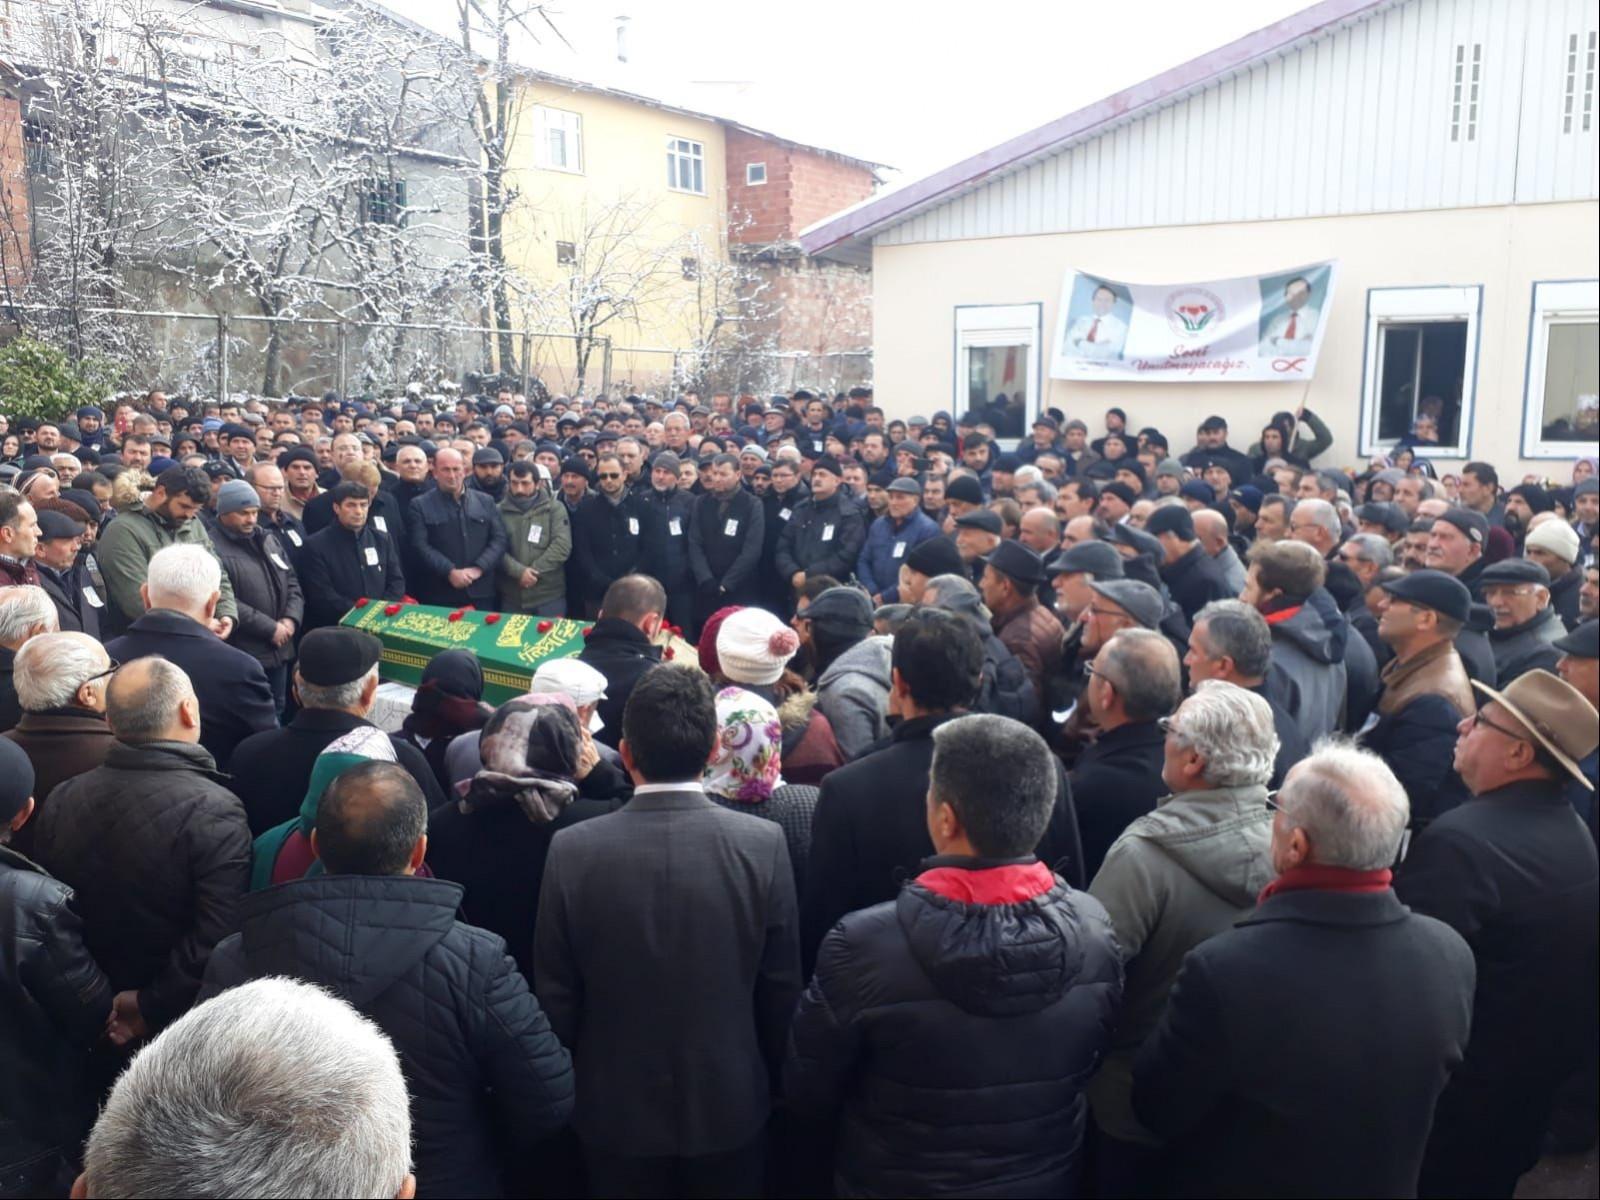 cenaze töreninden bir kare